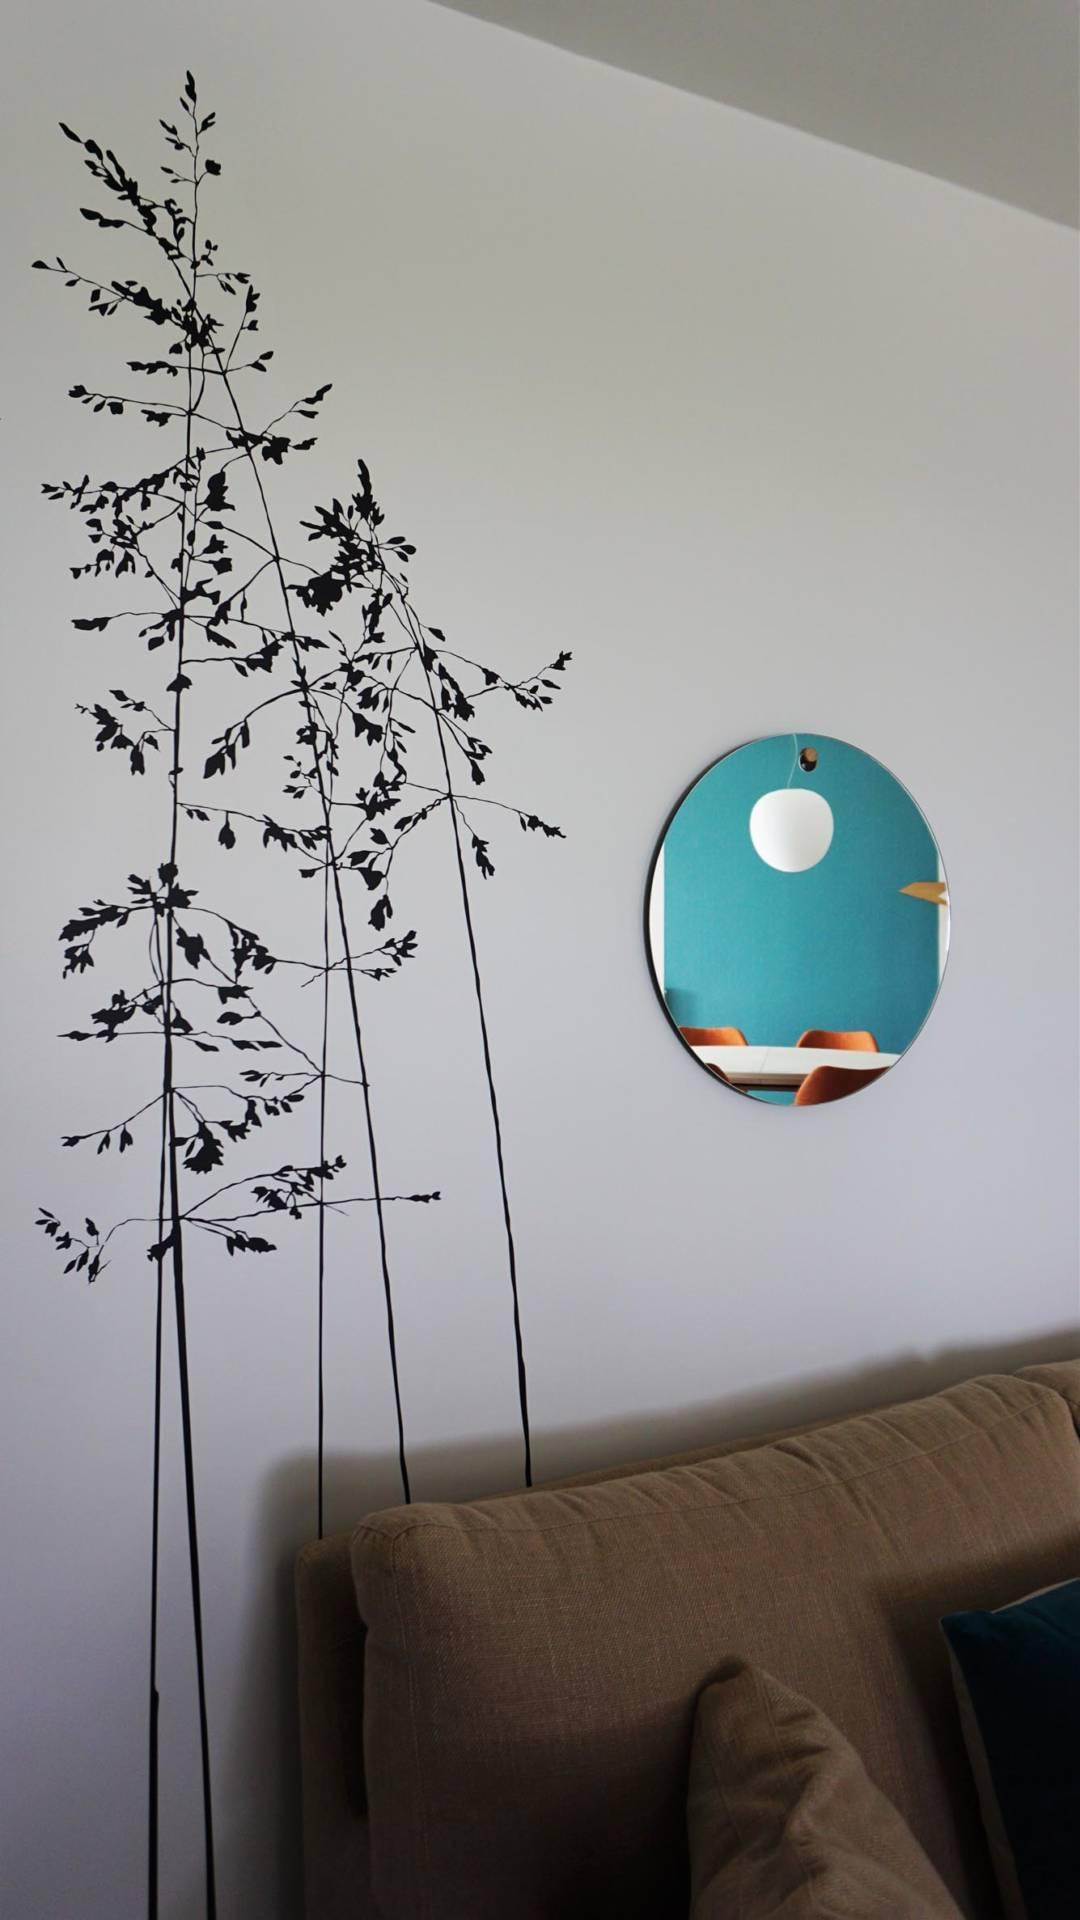 Décoration pièce de vie par Anne Solenn Chérat, Décoratrice UFDI sur Lorient, Vannes, Pontivy : appartement bord de mer.